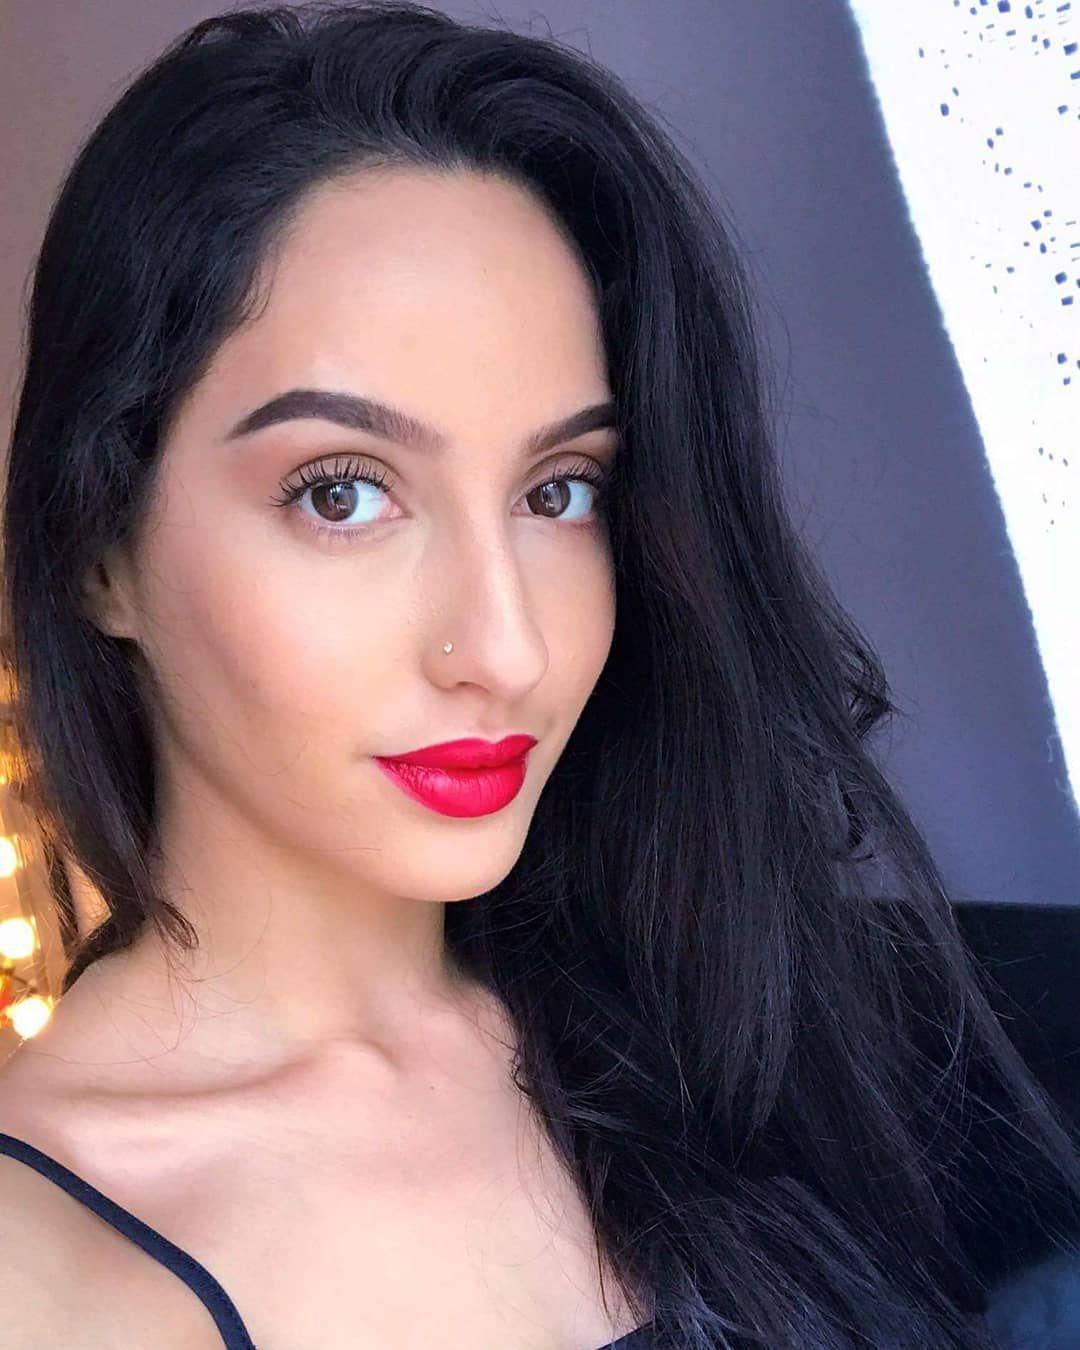 नोरा फतेही ( Nora Fatehi) निश्चित रूप से अपने ग्रूवी गानों के साथ सुर्ख़ियों में बानी रहती हैं। और अब कई सफल गानों का हिस्सा होने के बाद नोरा इस साल स्ट्रीट डांसर 3D में अभिनय करने के लिए तैयार हैं।